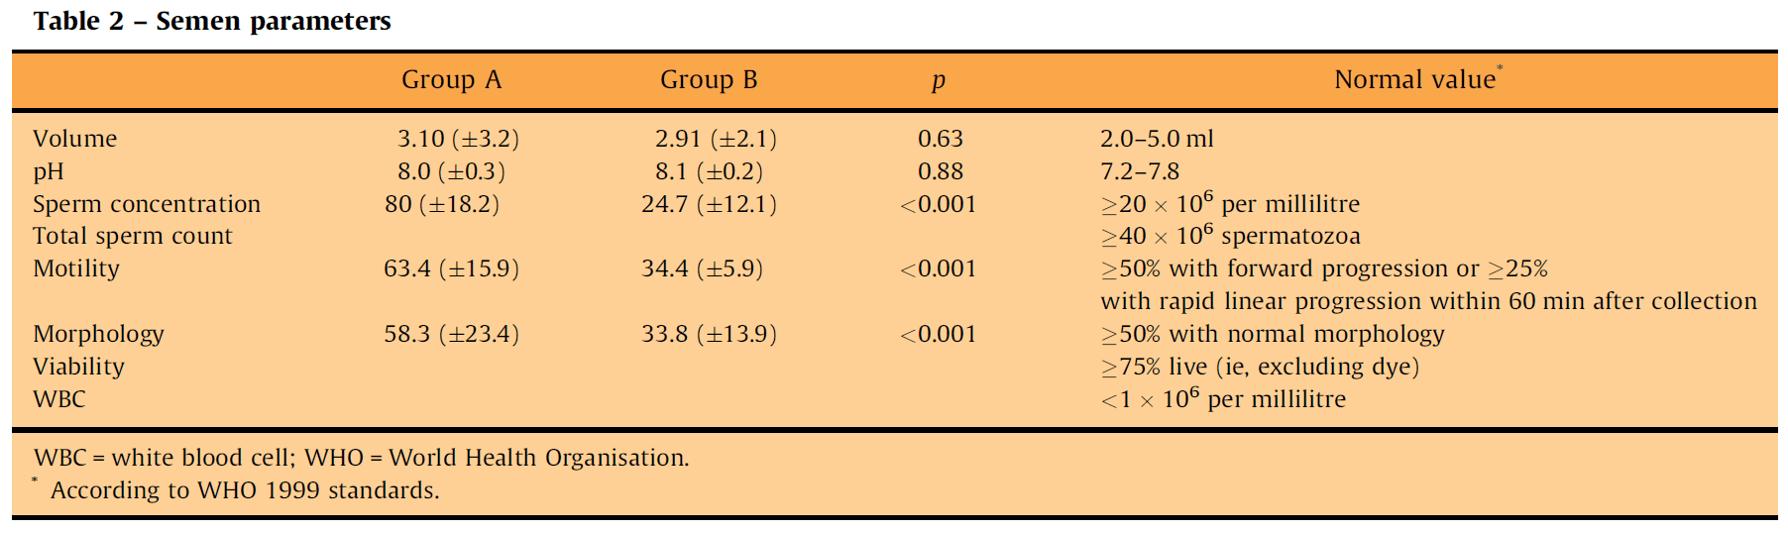 クラミジア感染と精液検査の関係(論文1より引用)